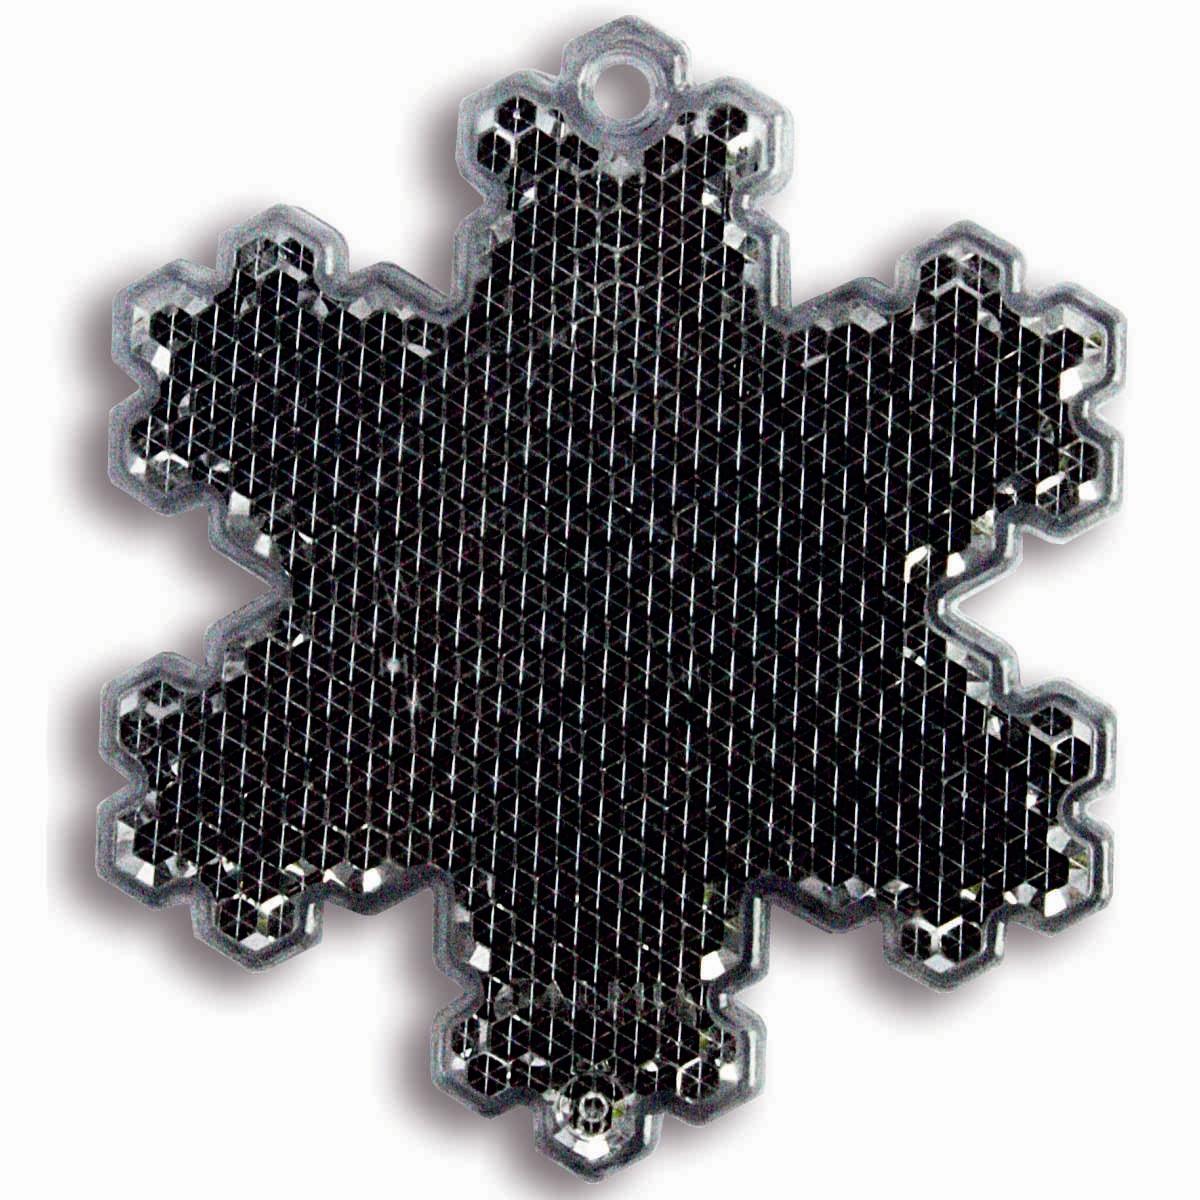 Светоотражатель пешеходный Coreflect Снежинка, цвет: черныйWT-CD37Пешеходный светоотражатель — это серьезное средство безопасности на дороге. Использование светоотражателей позволяет в десятки раз сократить количество ДТП с участием пешеходов в темное время суток. Светоотражатель крепится на одежду и обладает способностью к направленному отражению светового потока. Благодаря такому отражению, водитель может вовремя заметить пешехода в темноте, даже если он стоит или двигается по обочине. А значит, он успеет среагировать и избежит возможного столкновения. С 1 июля 2015 года ношение светоотражателей вне населенных пунктов является обязательным для пешеходов! Мы рекомендуем носить их и в городе! Для безопасности и сохранения жизни!